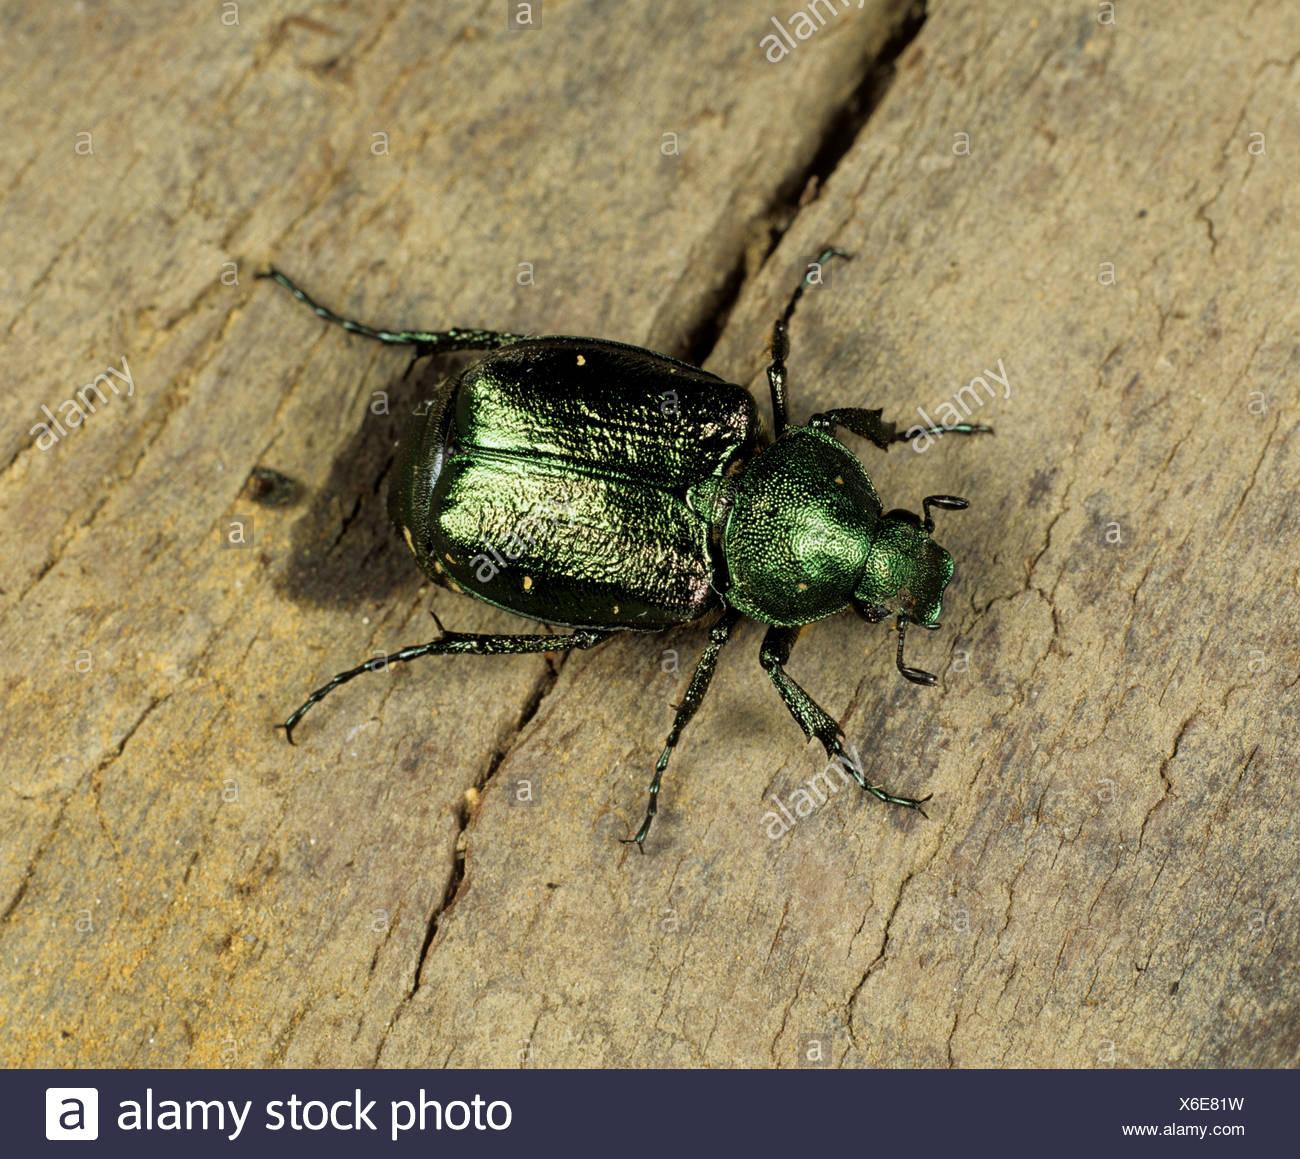 Un chafer Gnorimus nobilis rari e considerati vulnerabili nel Regno Unito Immagini Stock